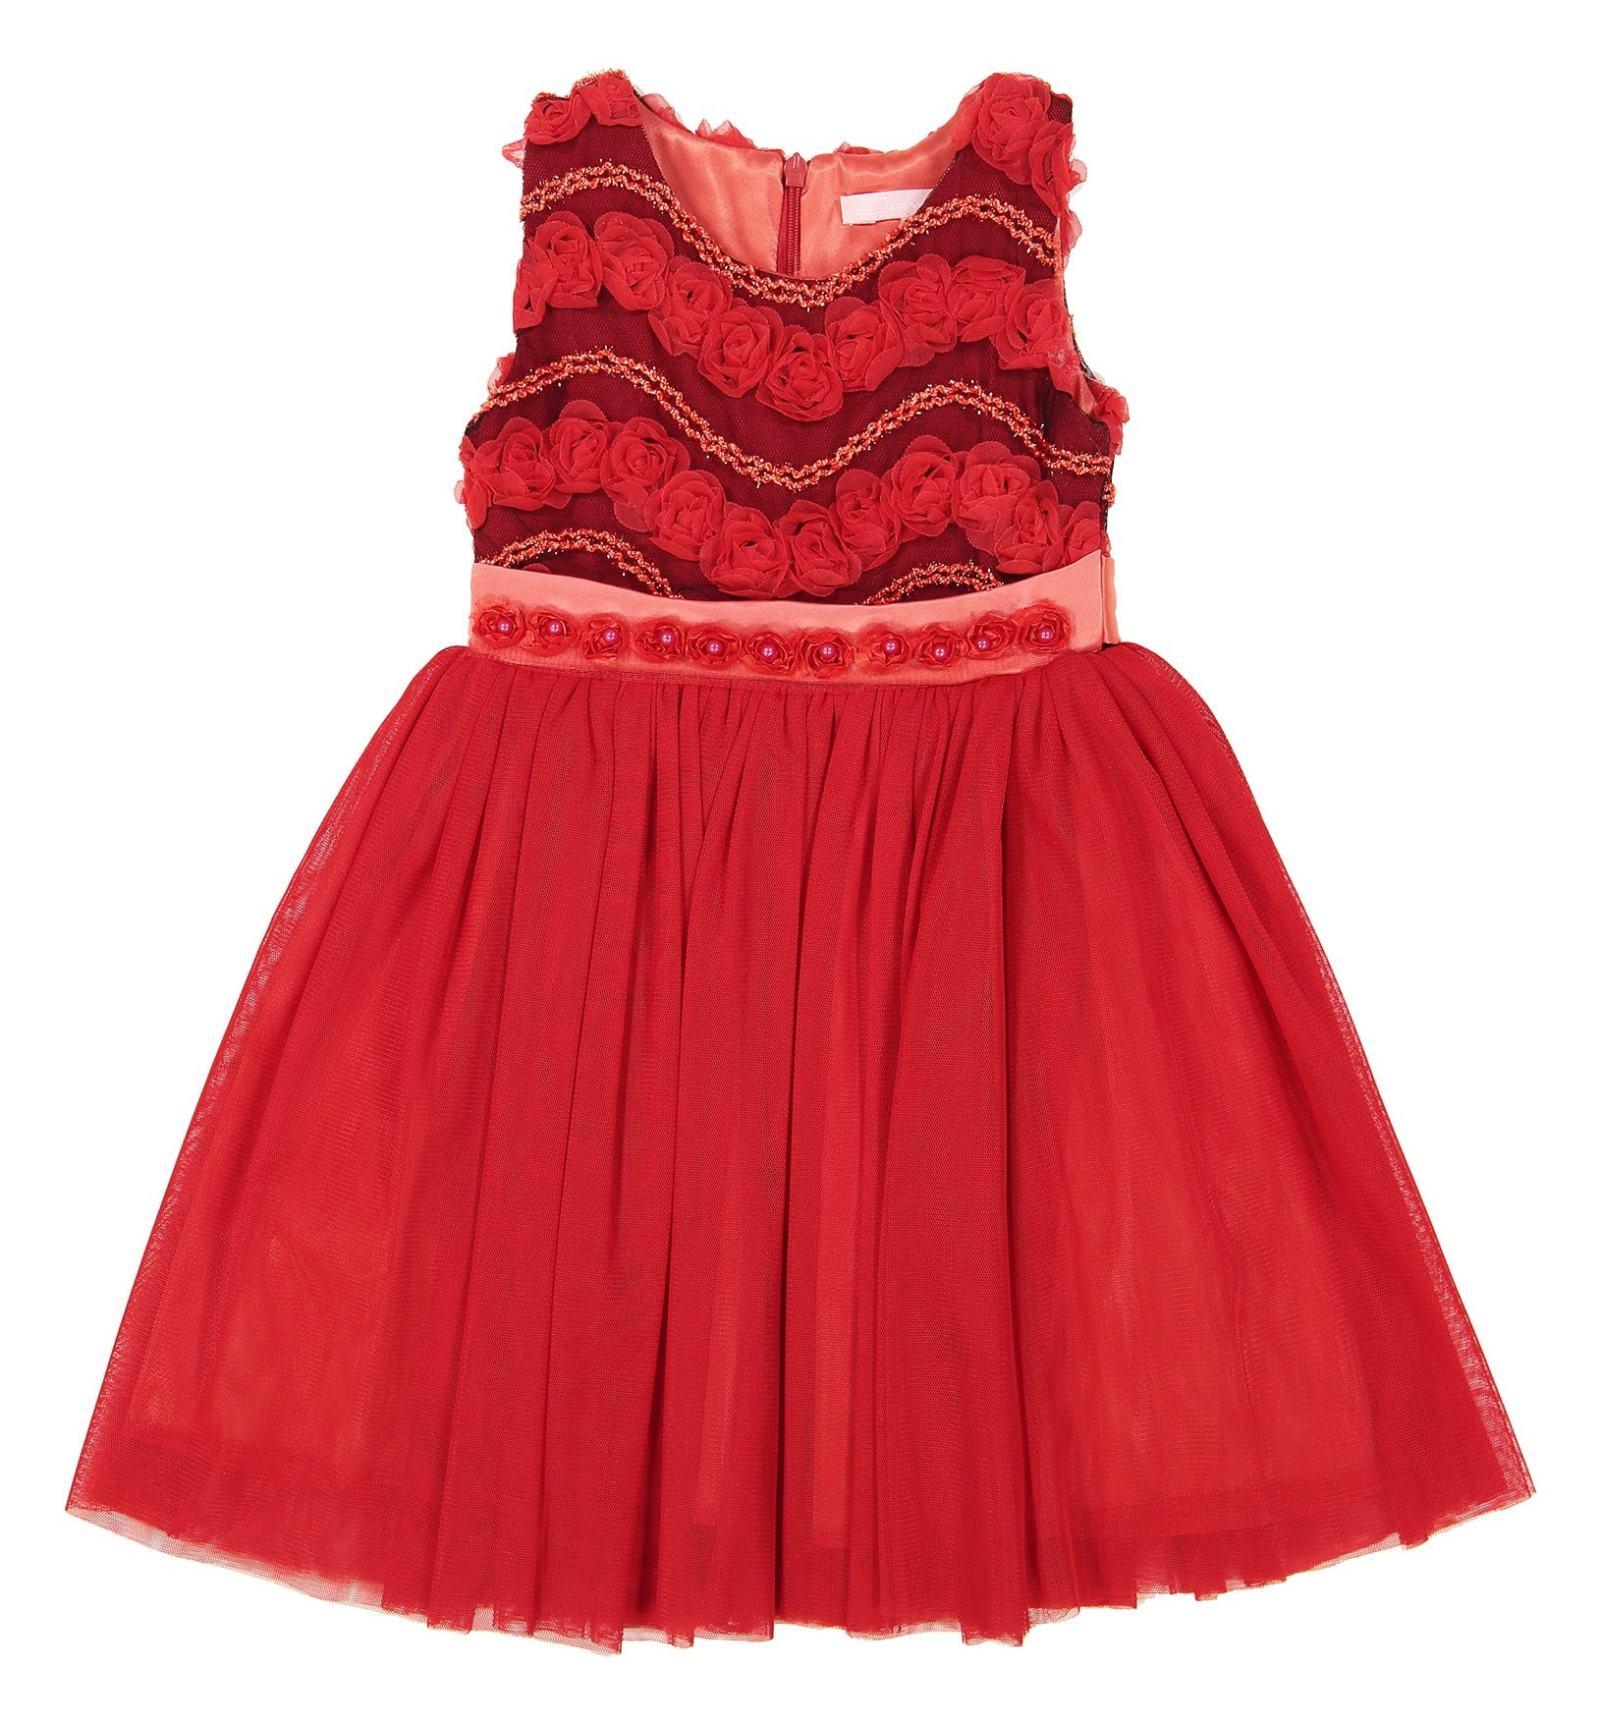 پیراهن مهمانی دخترانه - جم گل - قرمز  - 3